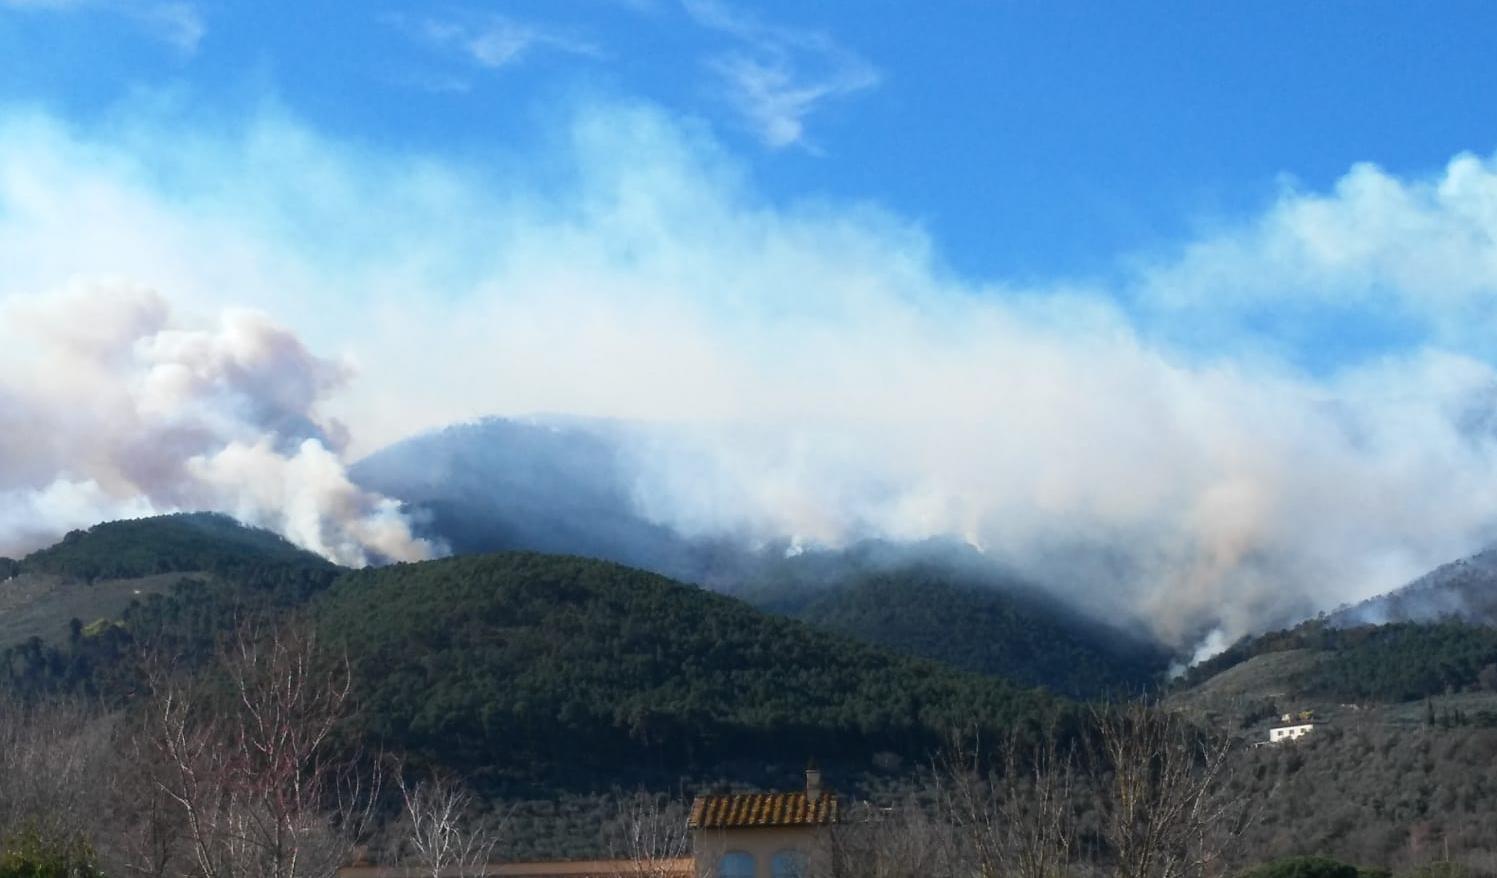 L'incendio nel comune di Vicopisano